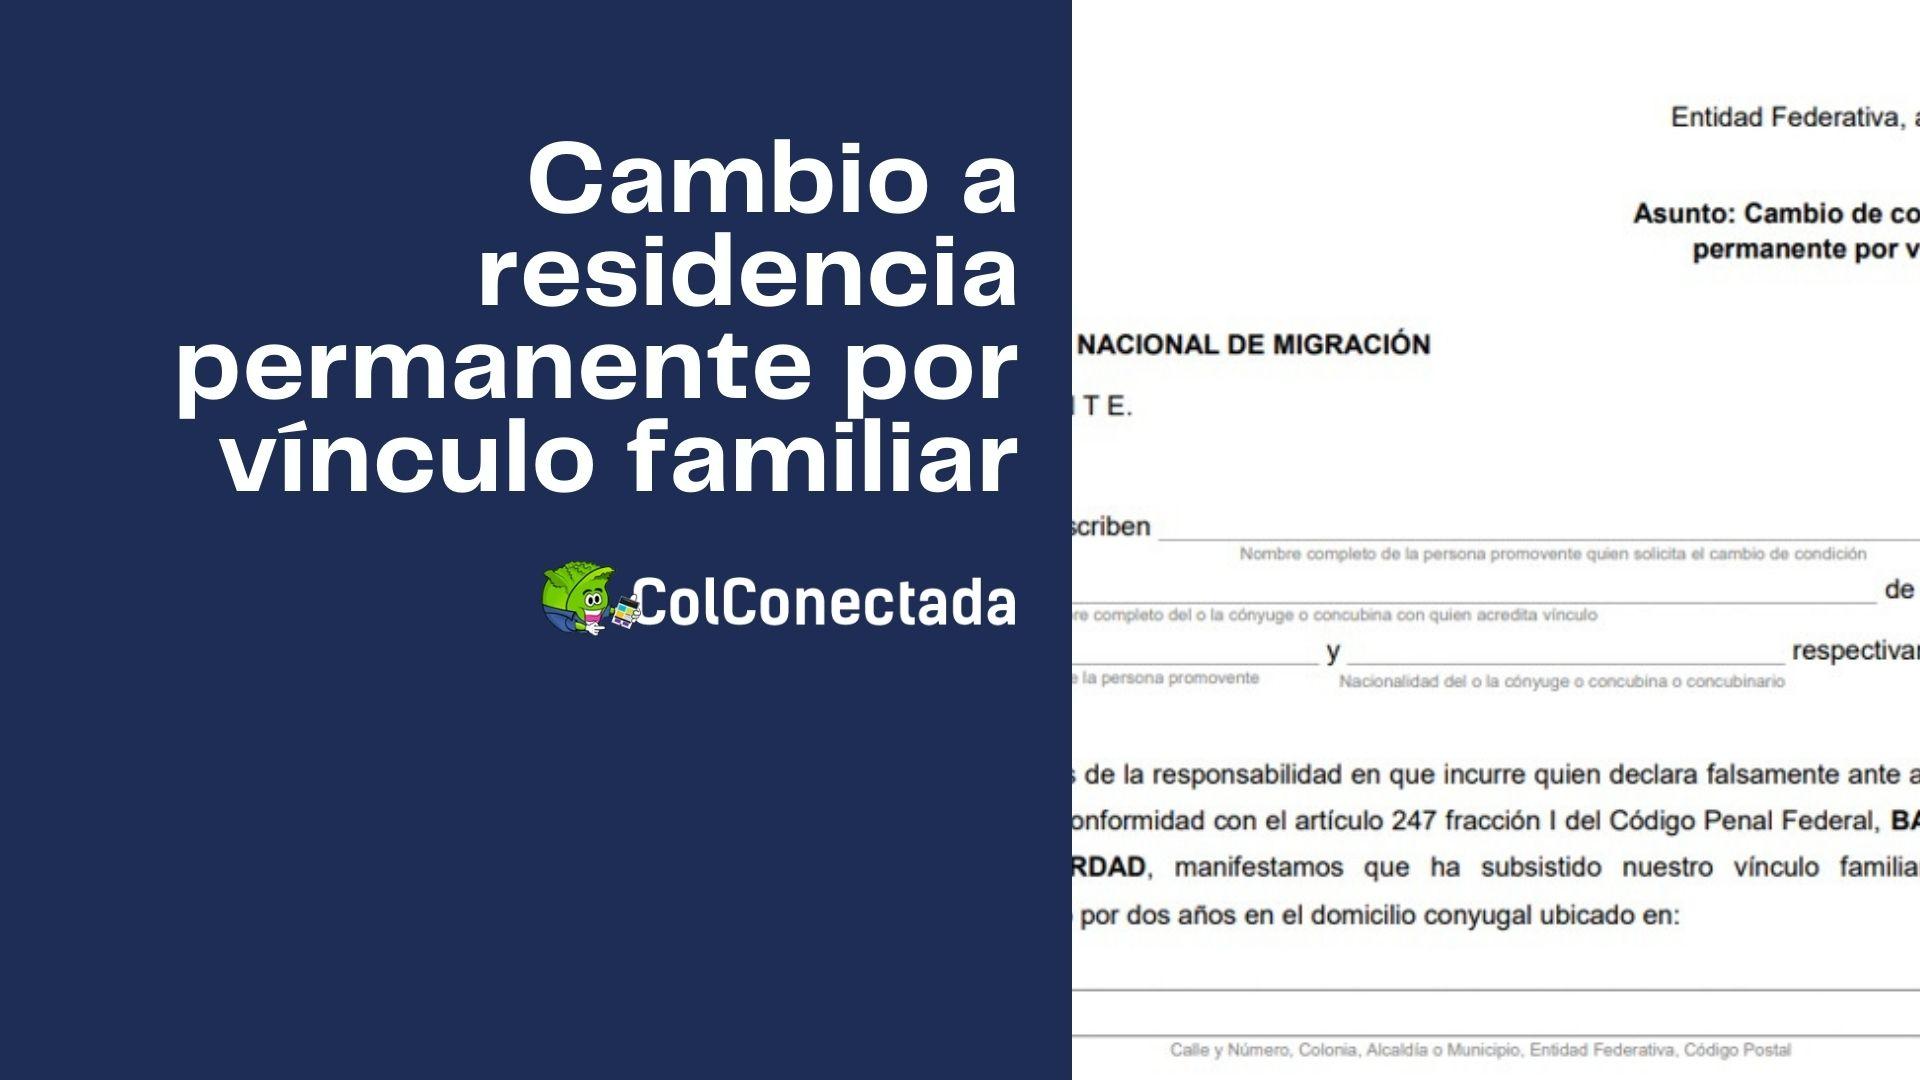 Solicitud de cambio a residencia permanente por vínculo familiar 4